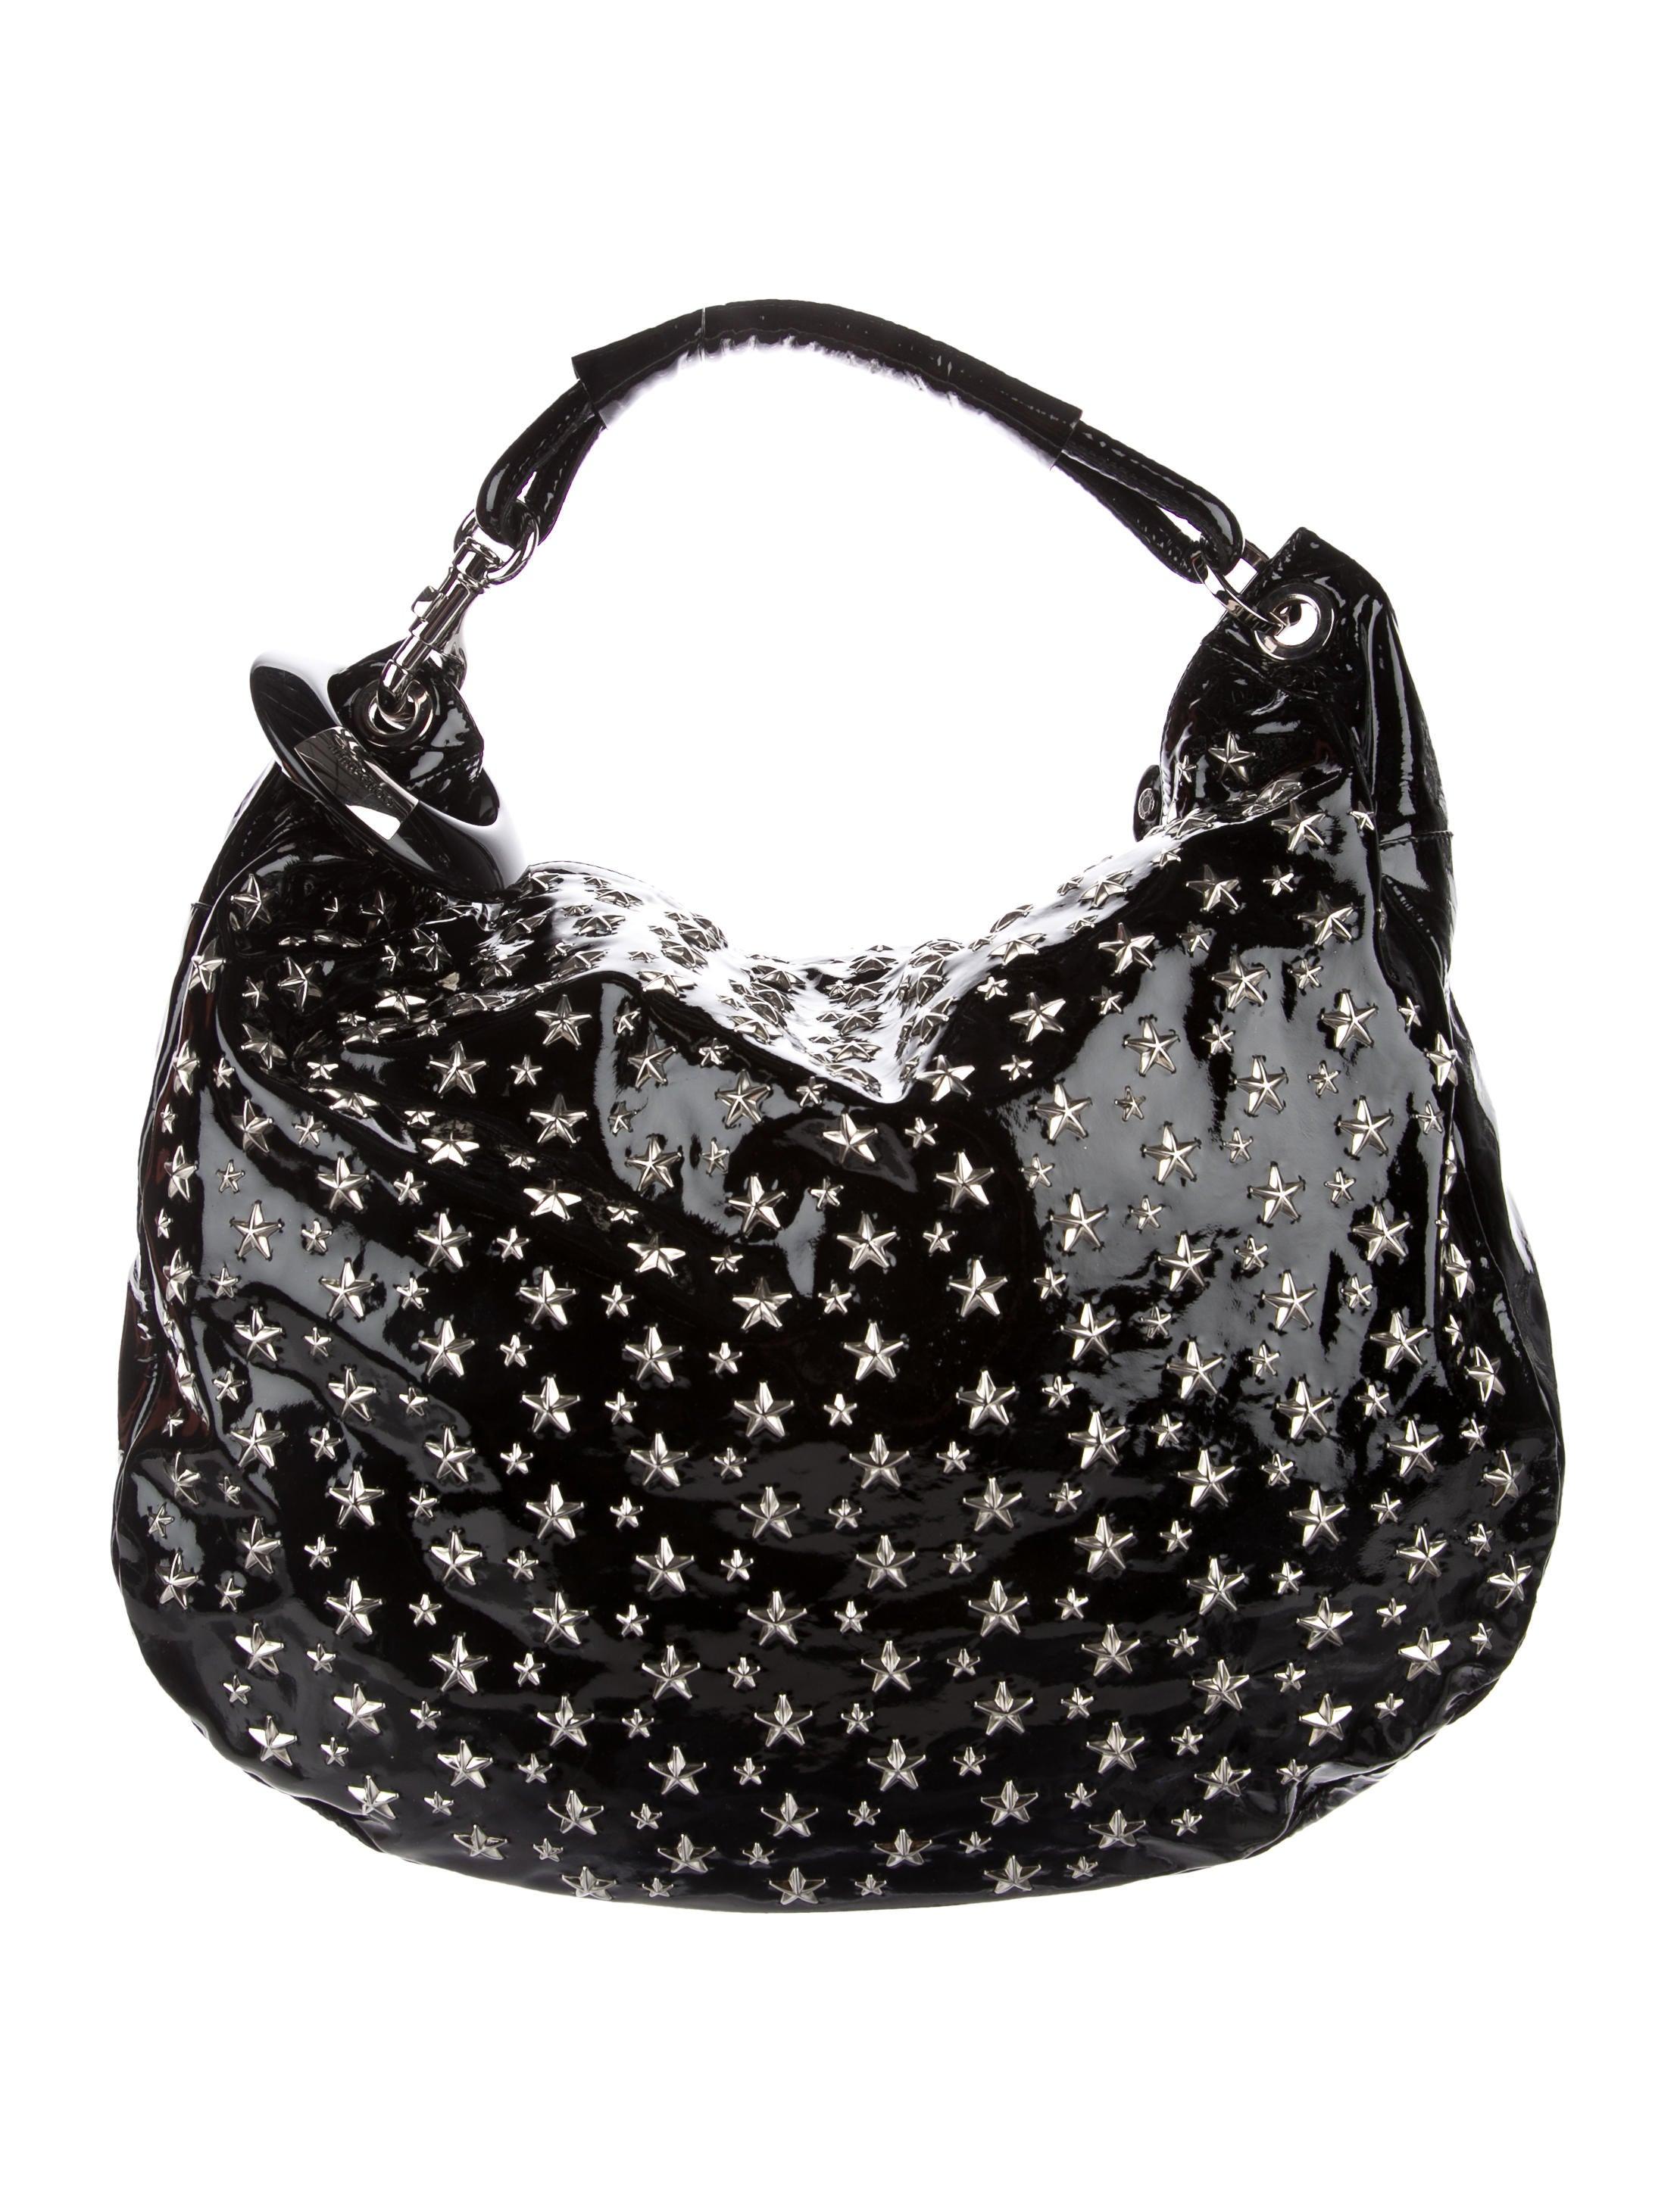 a28bf8ad08 Jimmy Choo Studded Sky Hobo - Handbags - JIM79135 | The RealReal